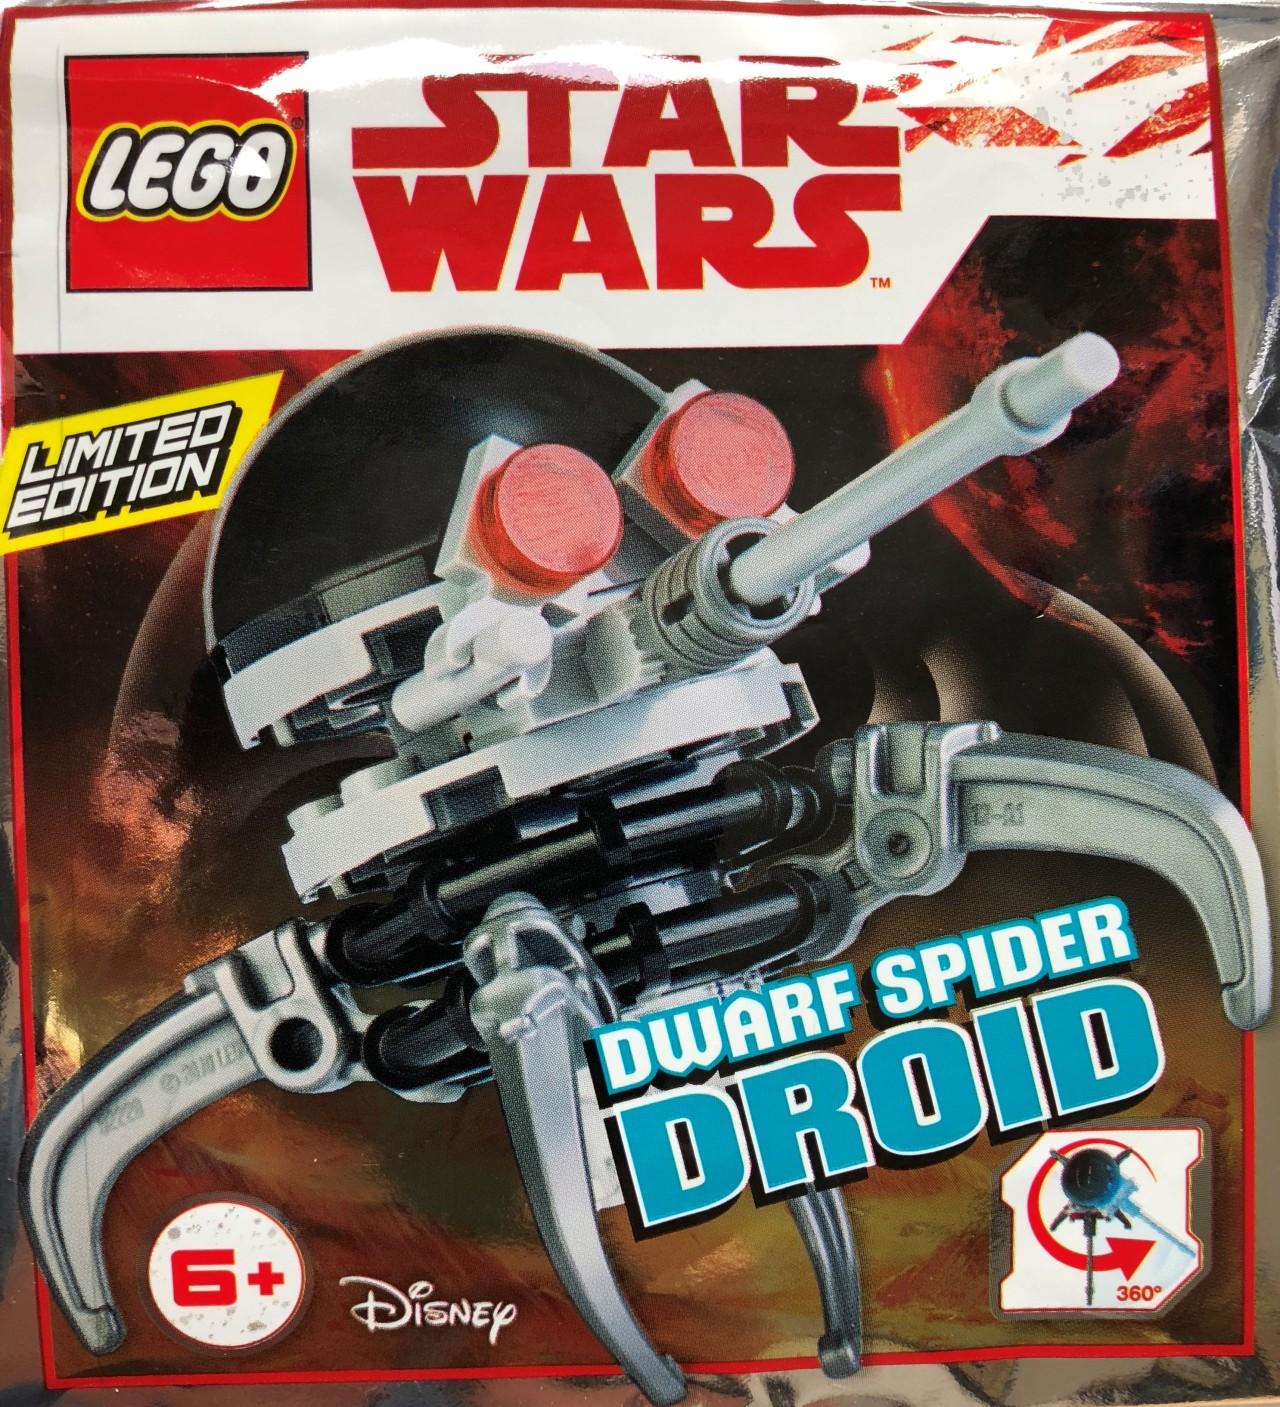 911835 Dwarf Spider Droid